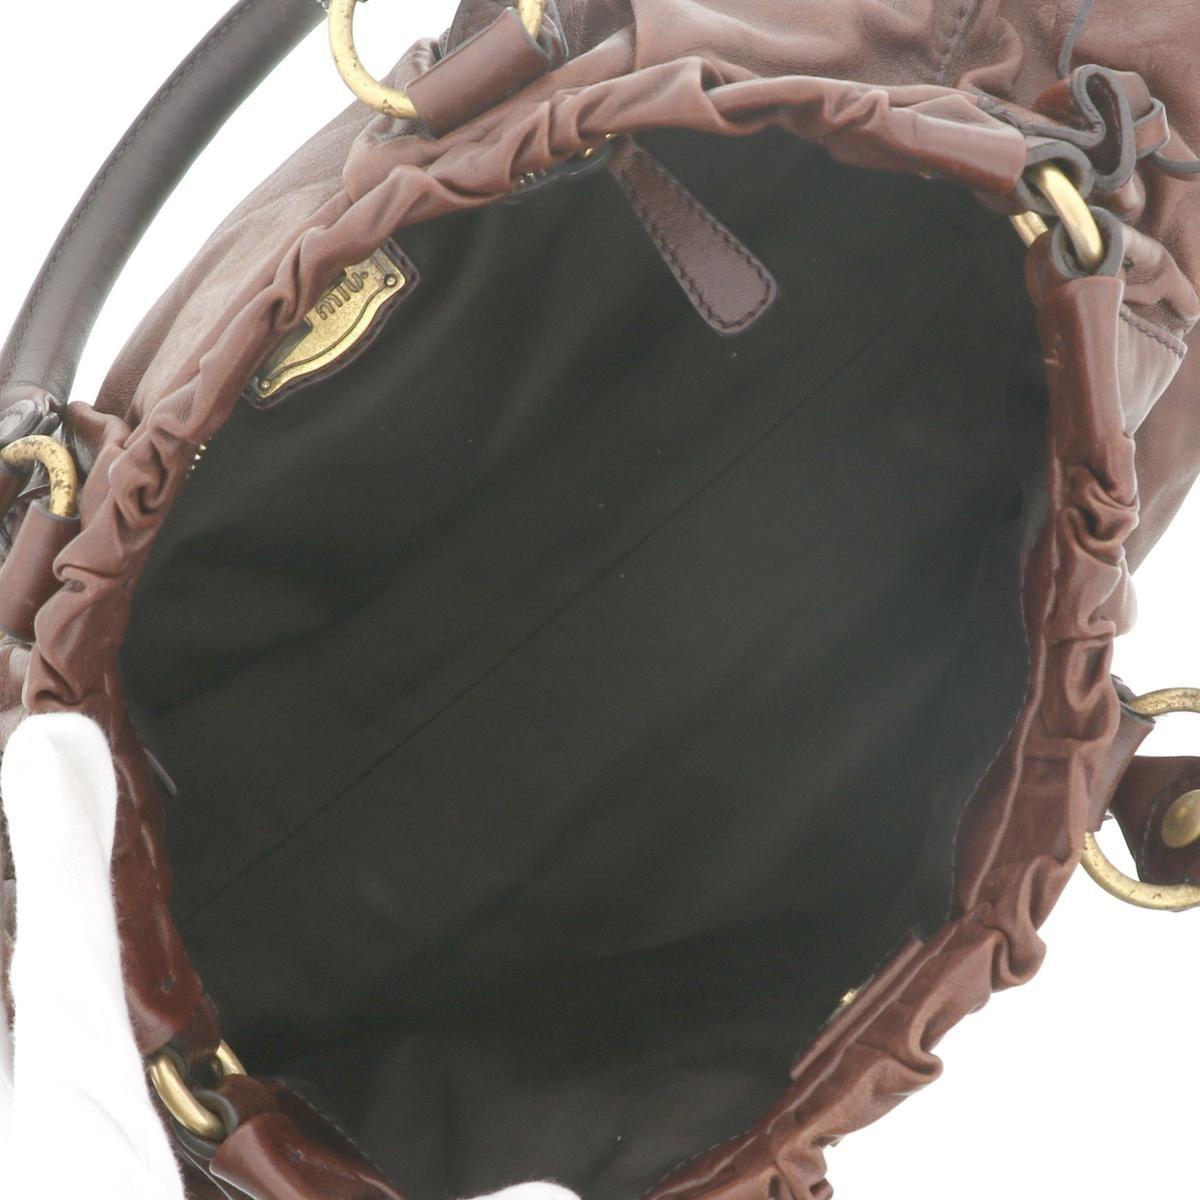 【中古】 MIUMIU (ミュウミュウ) 2WAY ハンドバッグ Brown バッグ ショルダー/メッセンジャーバッグ ハンドバッグ ブラウン